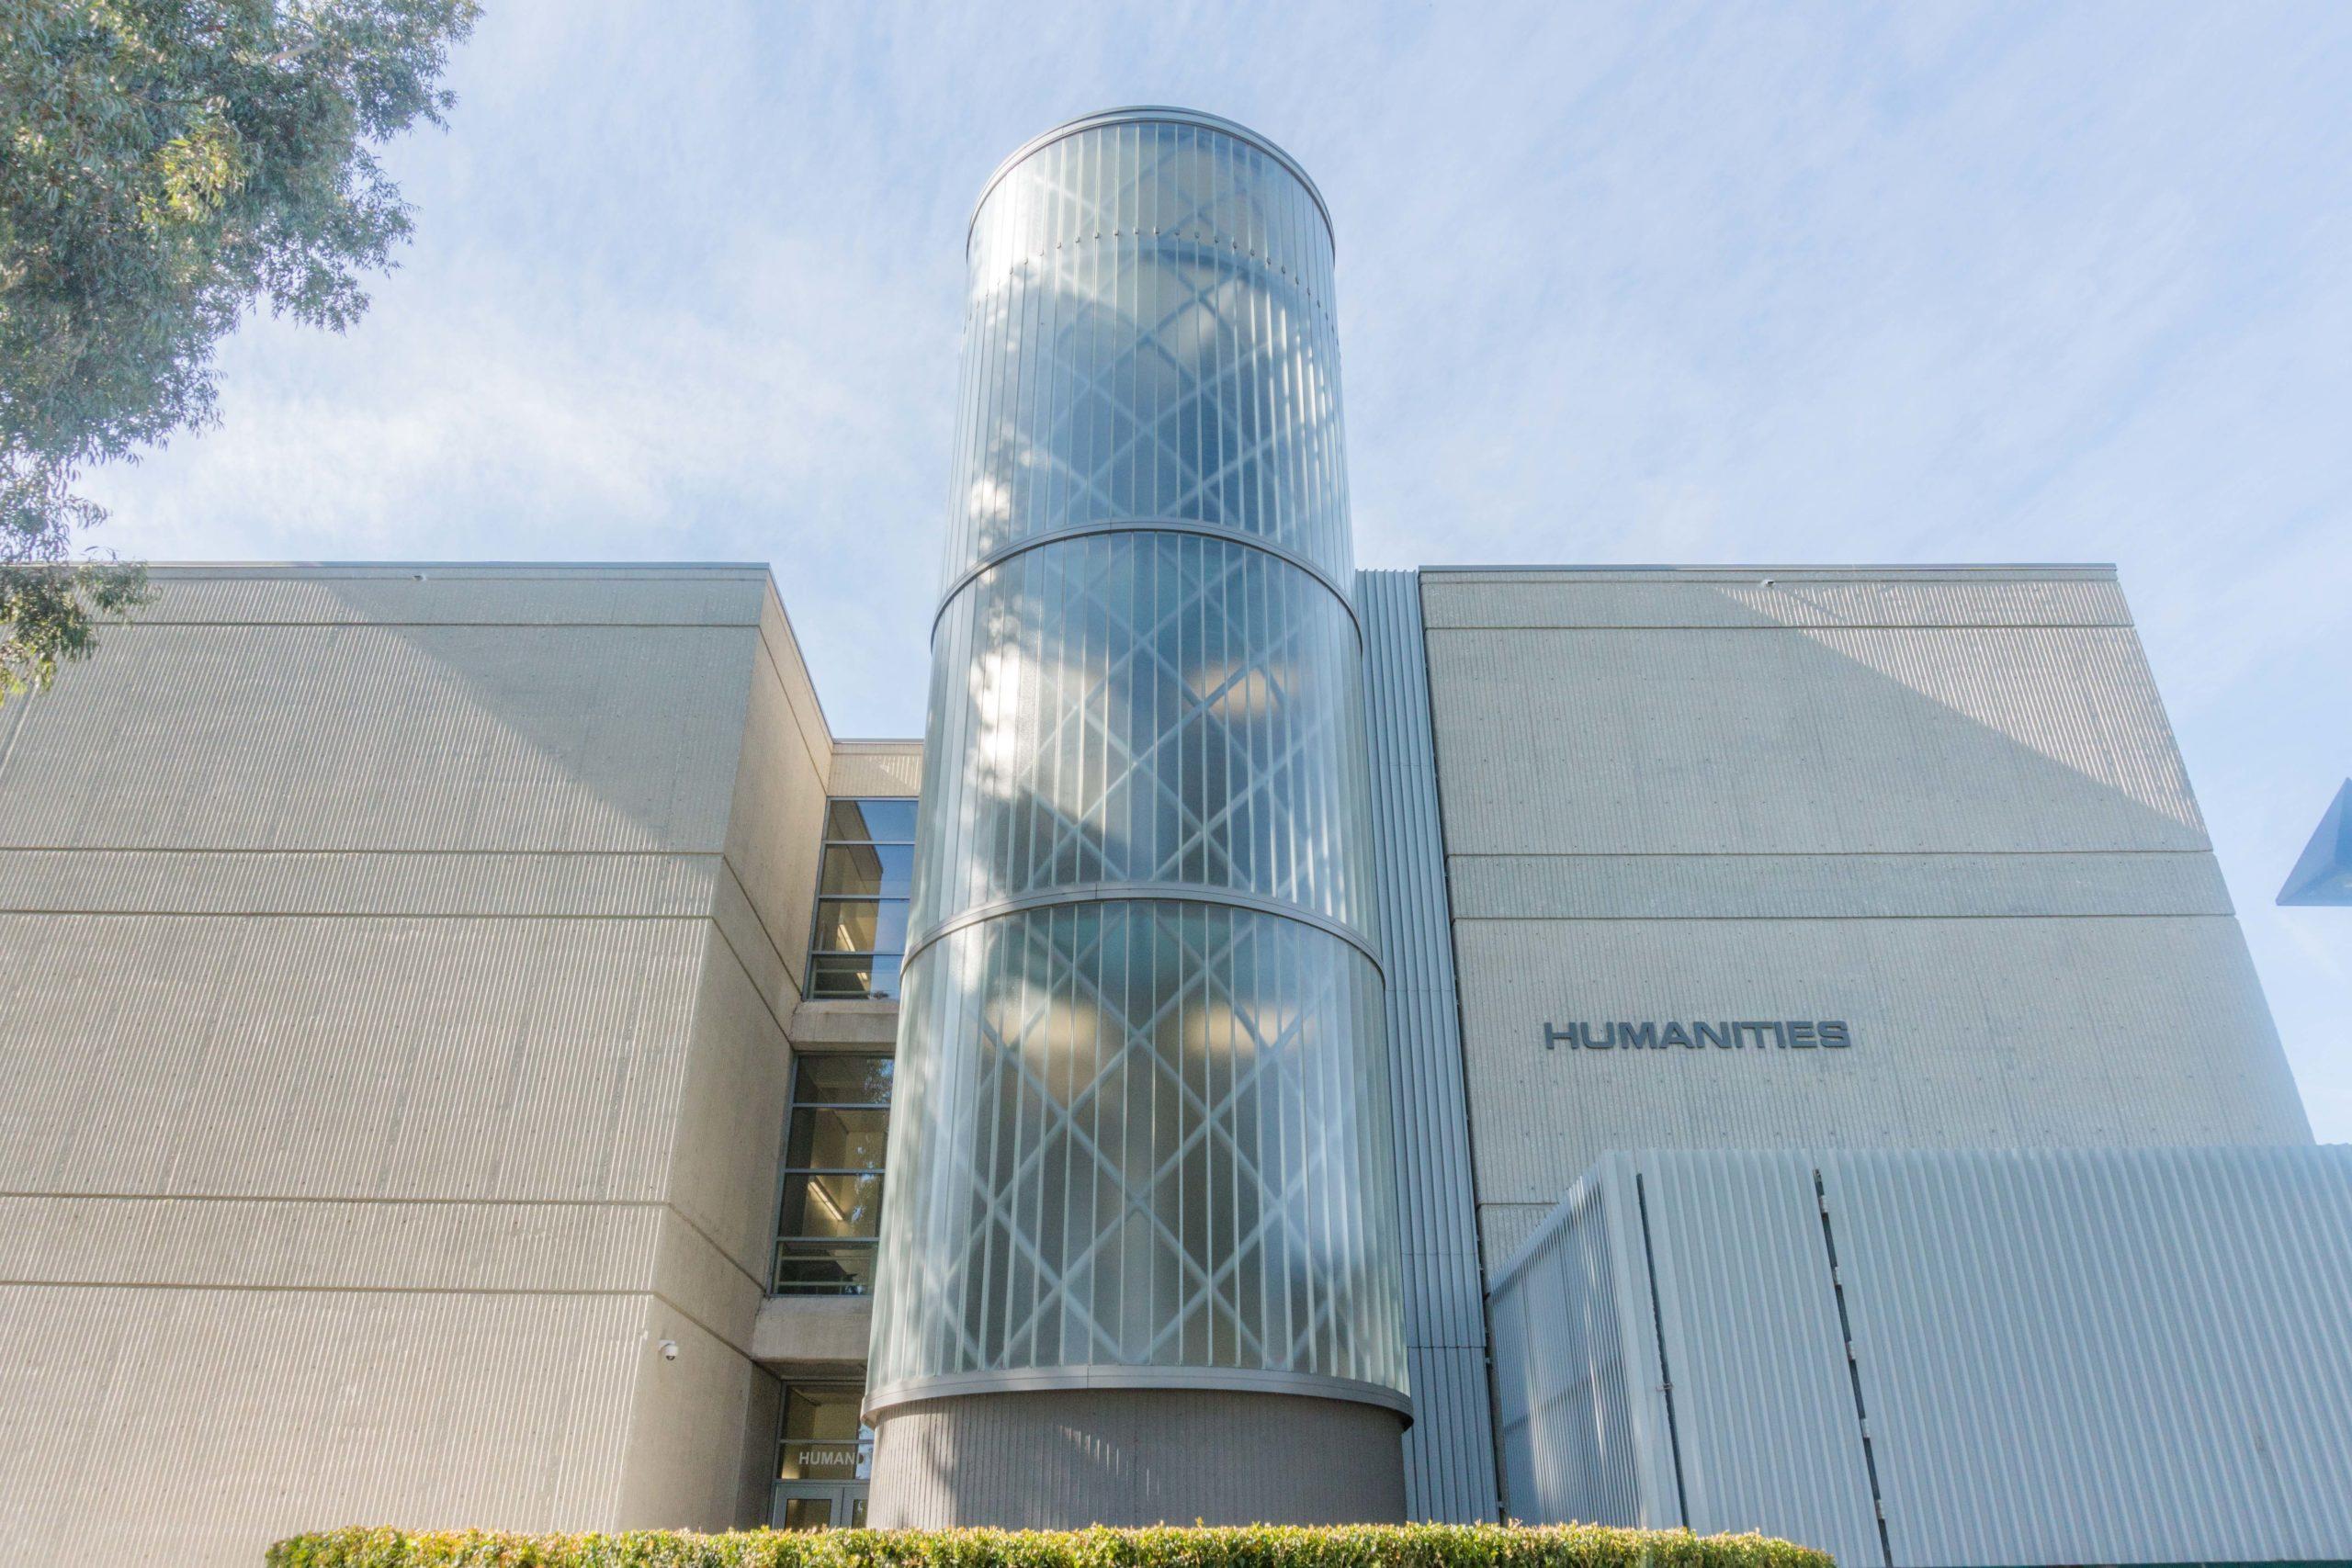 Exterior of Humanities Building